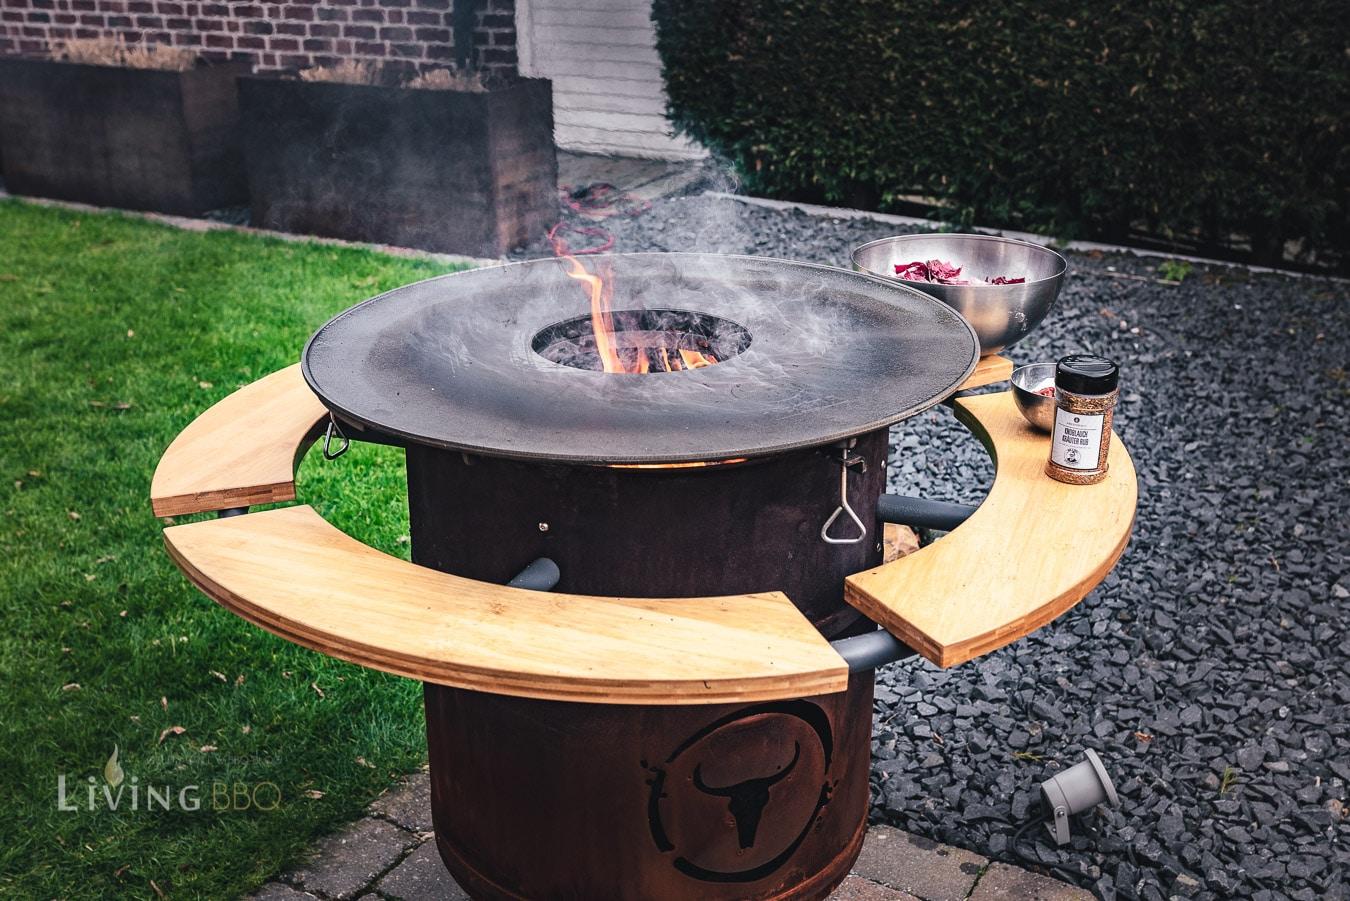 Feuerplatte aufheizen und einbrennen